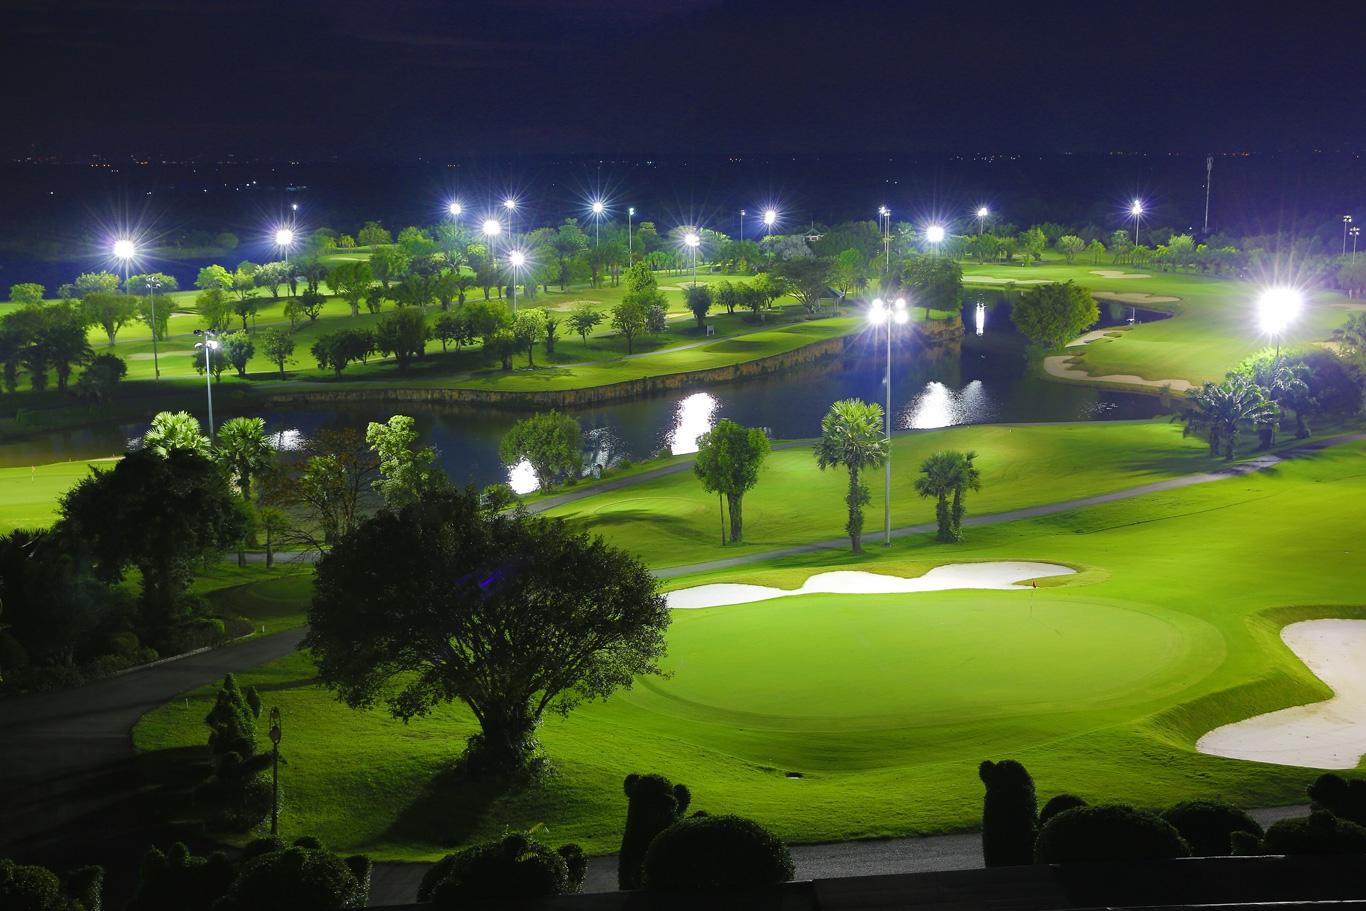 Long Thanh Golf Club